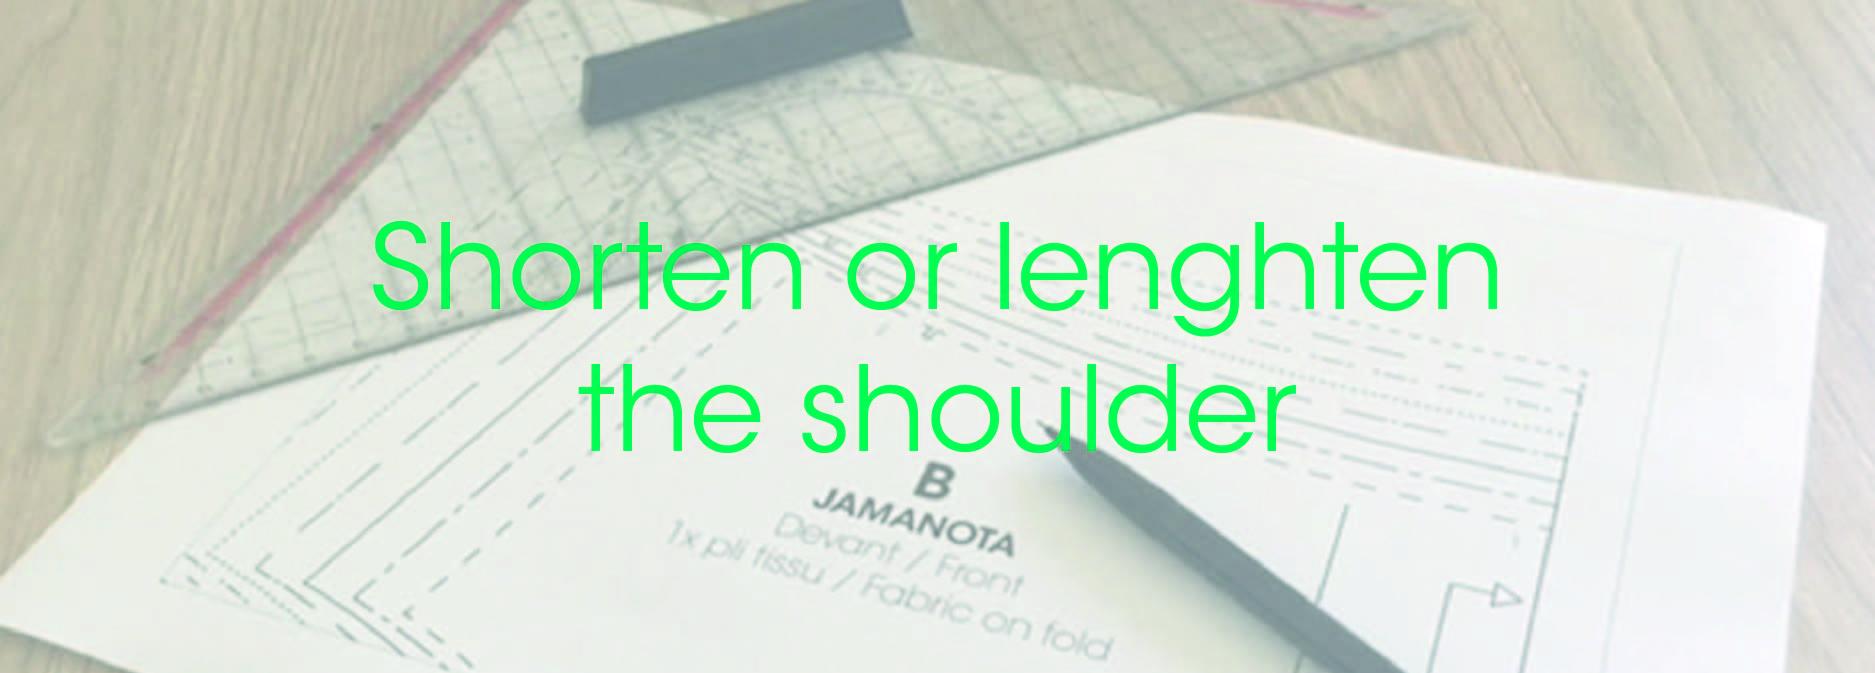 Pattern_making_shorten_or_lengthen_a_shoulder